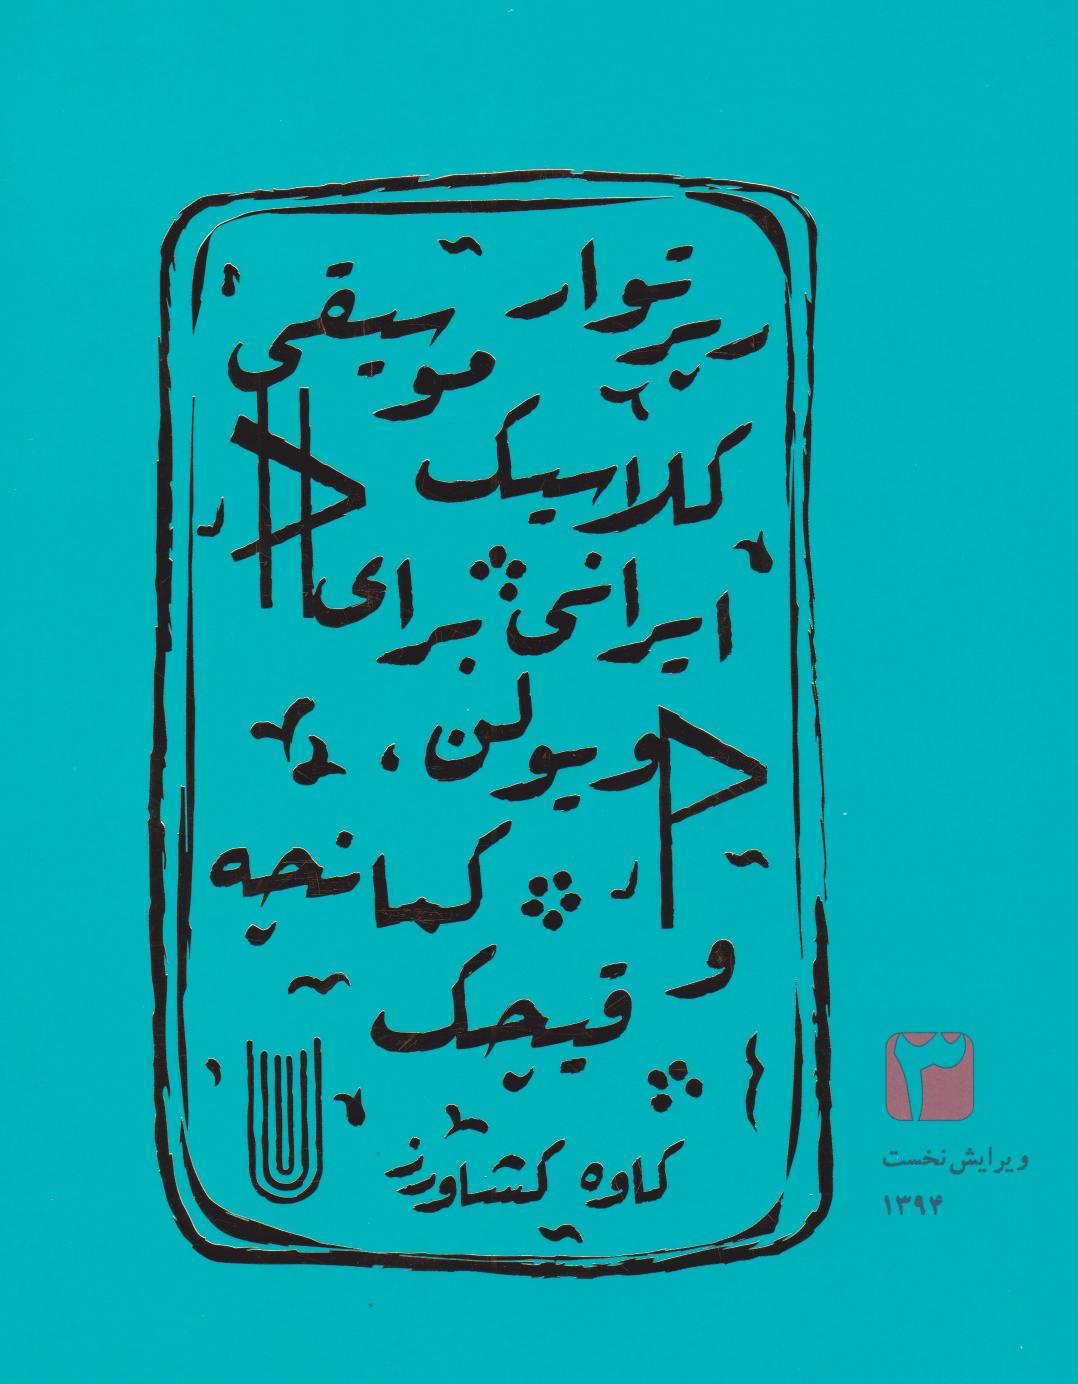 کتاب سوم رپرتوار کلاسیک موسیقی ایرانی برای ویولن کمانچه قیچک کاوه کشاورز انتشارات مانوش